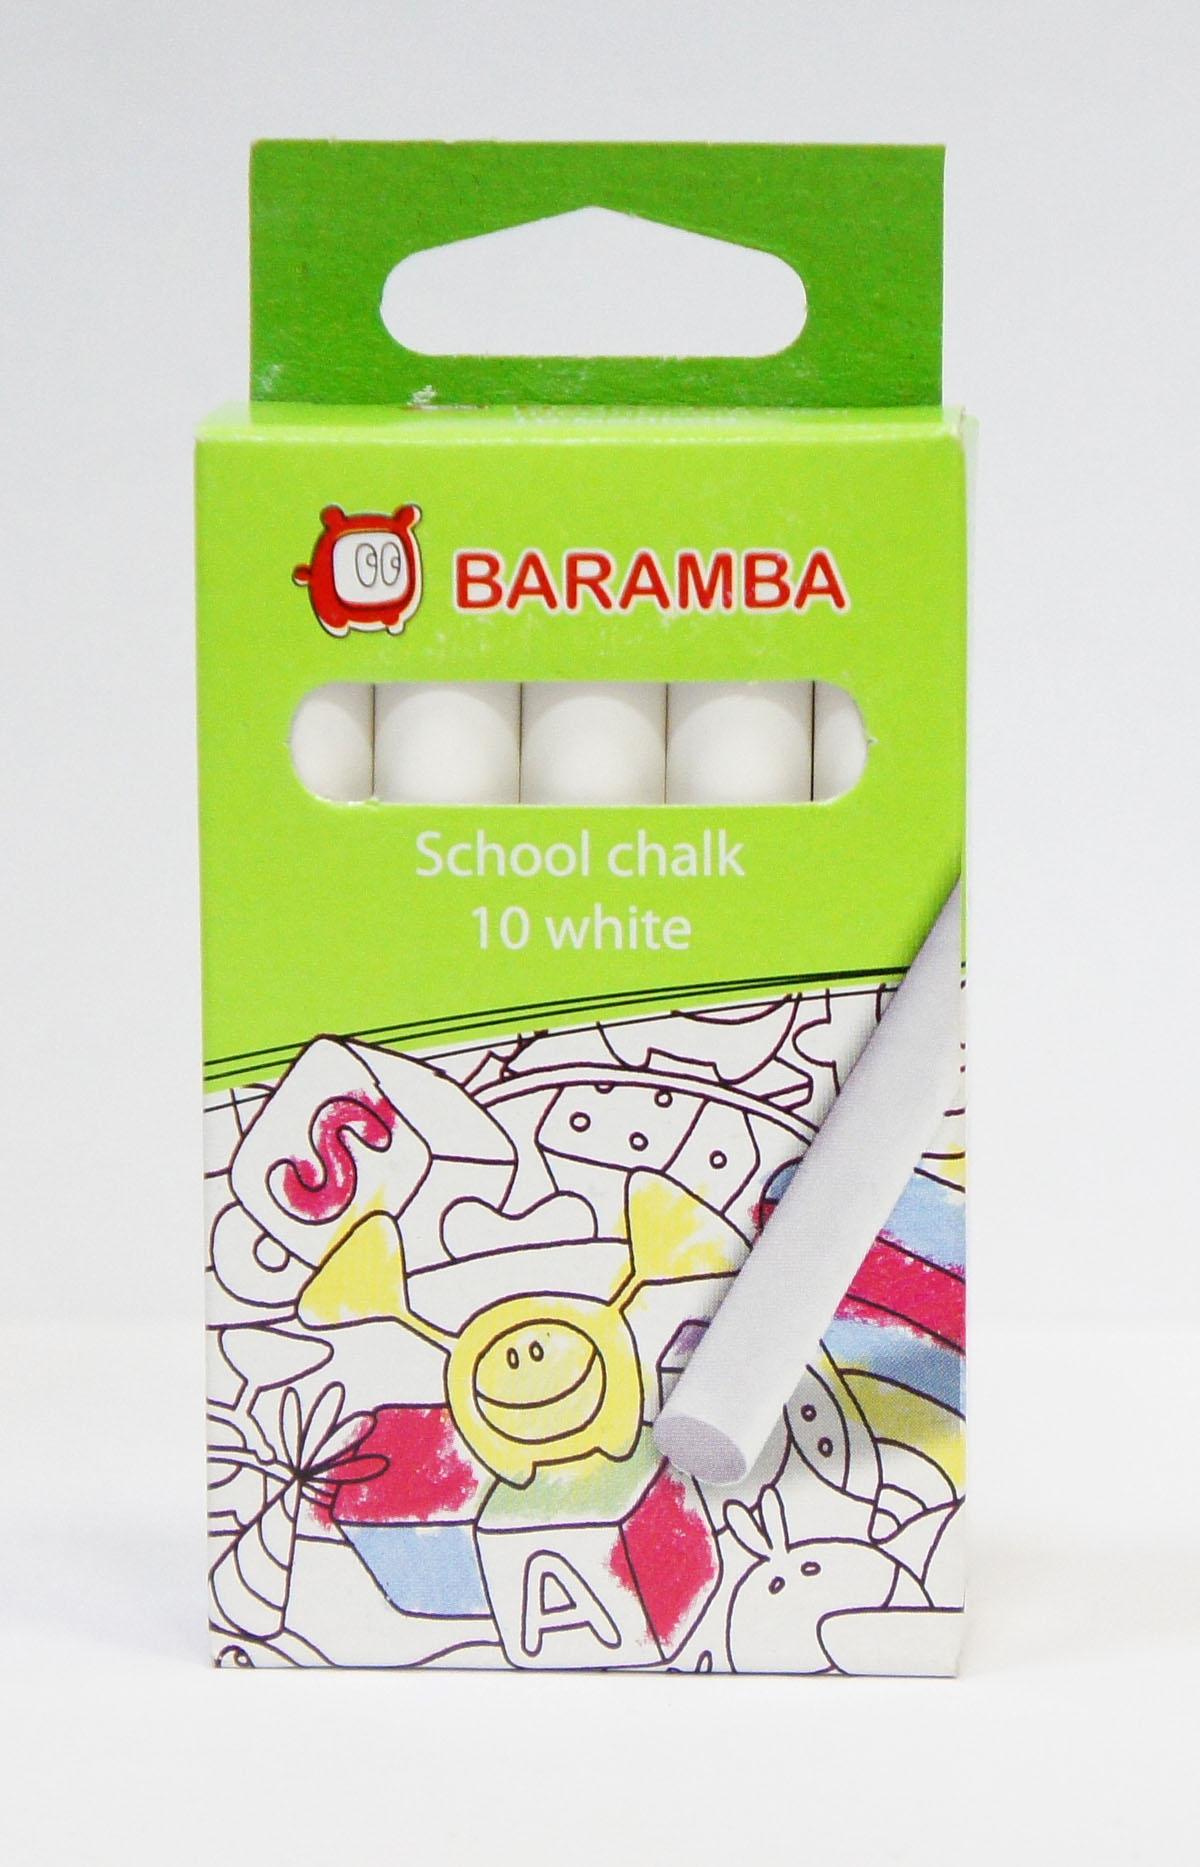 Мелки белые Baramba School chalk, 10 штPP-220Белые мелки Baramba School chalk с круглым корпусом предназначены для письма и рисования на школьных досках, асфальте, ватмане, дереве и бетоне. Состоят на 98% из карбоната кальция. Удобны в использовании, не крошатся, не царапают доску, не пачкают руки, яркие насыщенные цвета в наборах цветного мела.Рисование мелками интересное и увлекательное занятие. Порадуйте своего ребенка таким замечательным подарком!Не рекомендуется детям до 3-х лет.